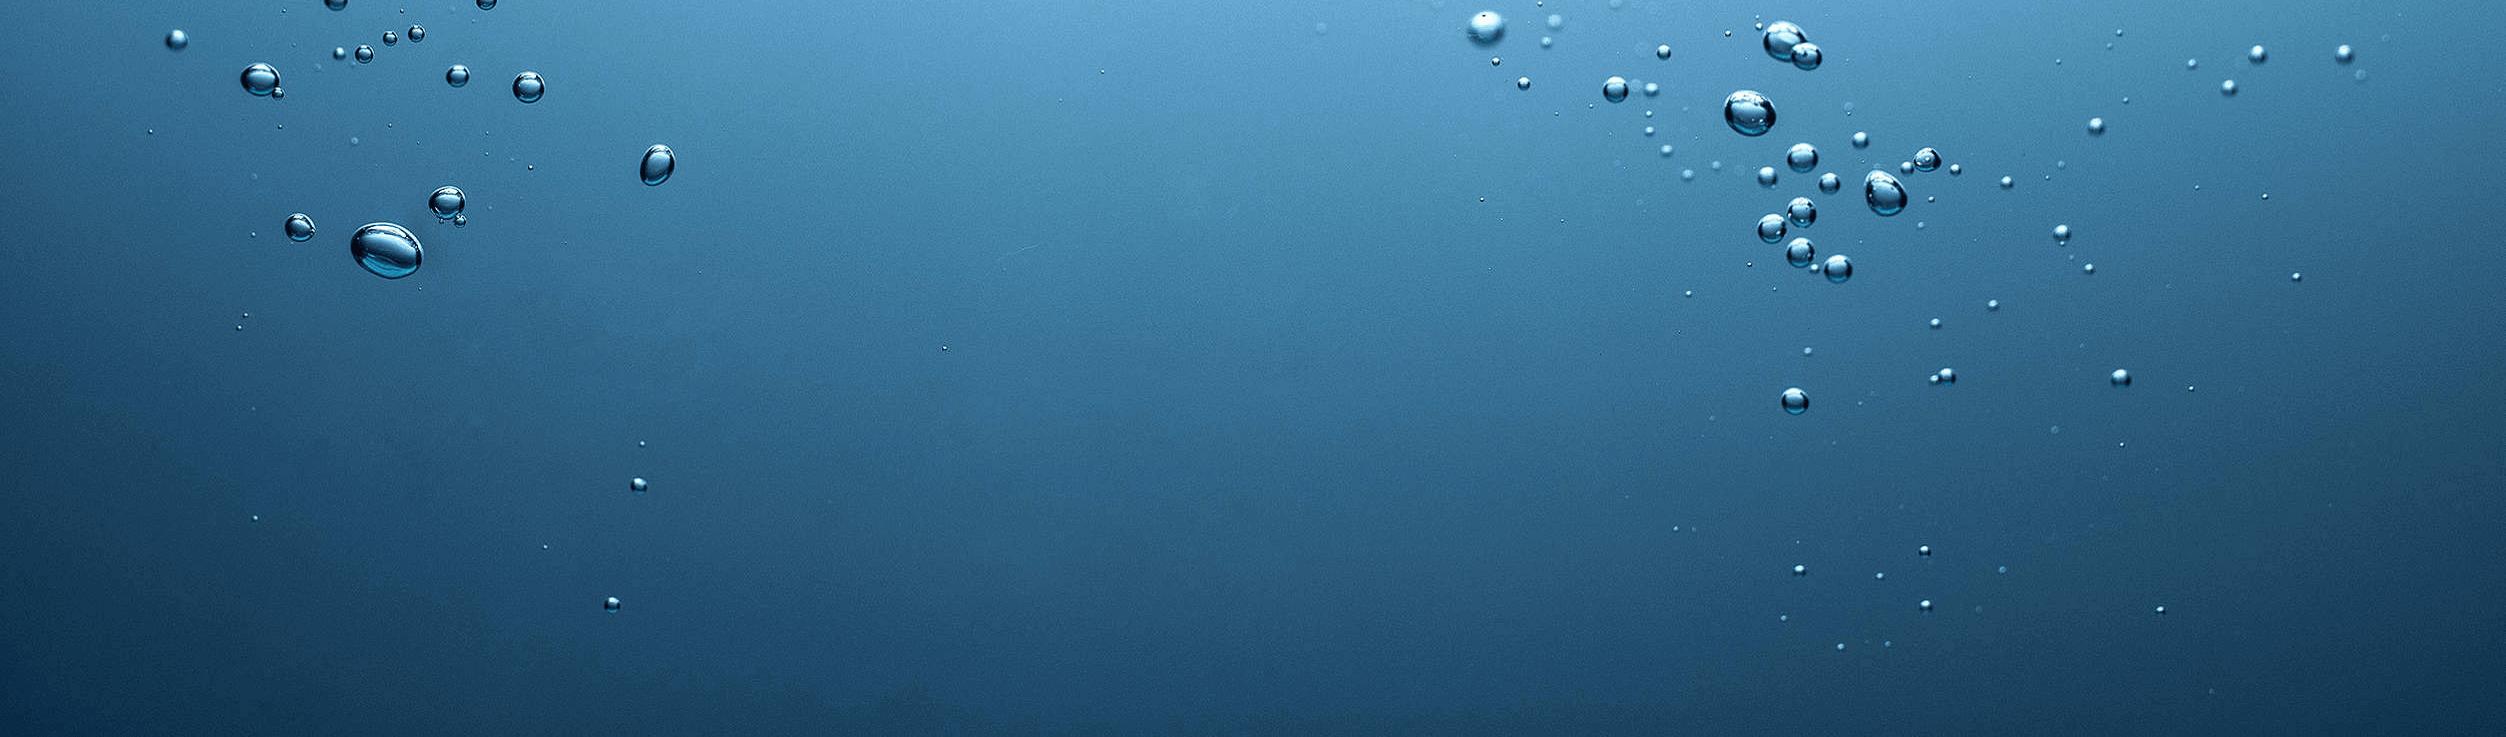 Банер изображение - вода